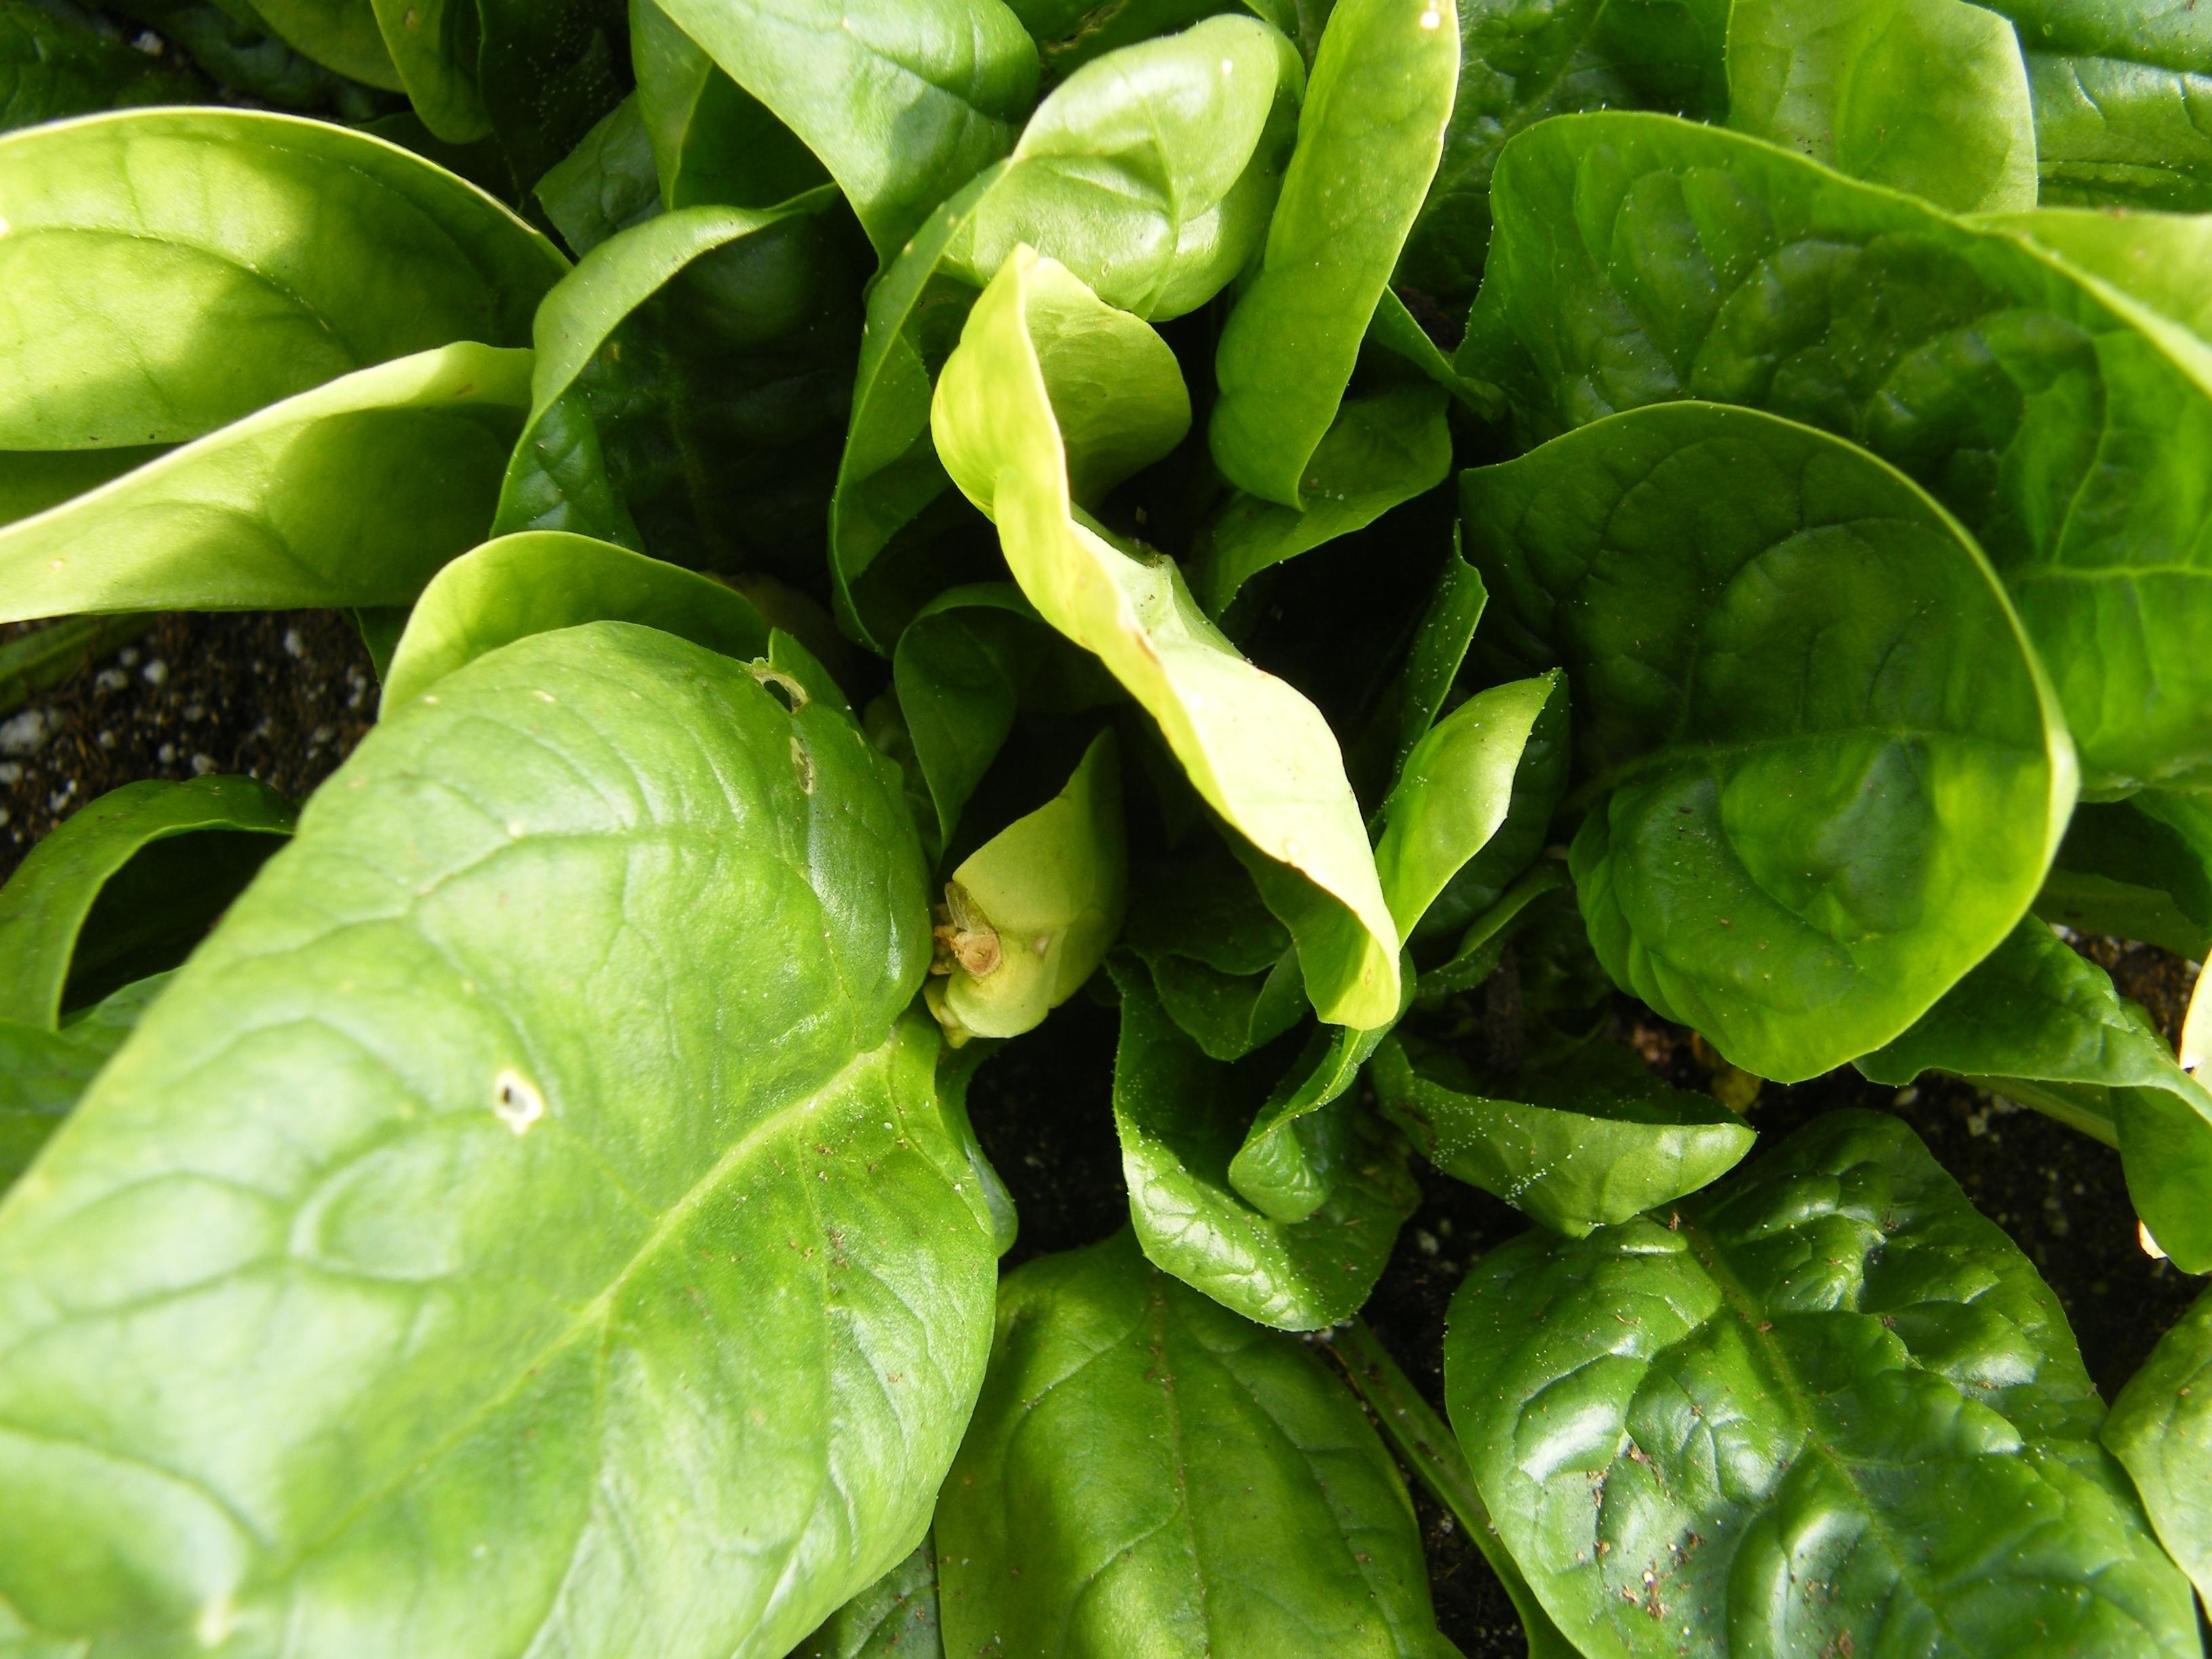 Fiori Da Piantare Nell Orto spinaci - orto - coltivare spinaci